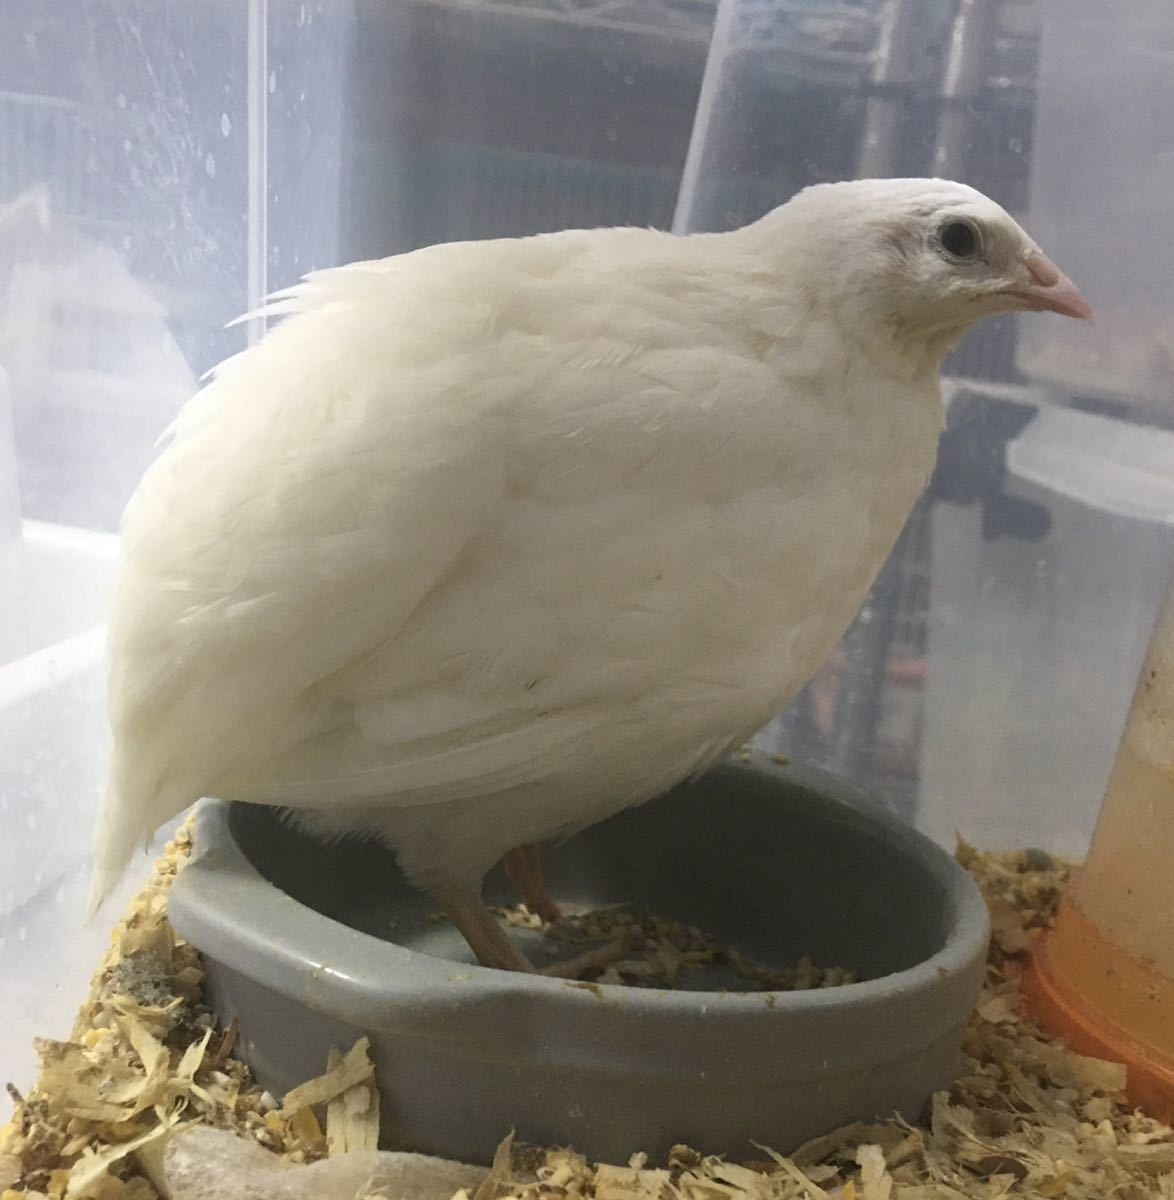 ジャンボ白うずら 有精卵 白10個 並うずら ウズラ 種卵 卵_画像2